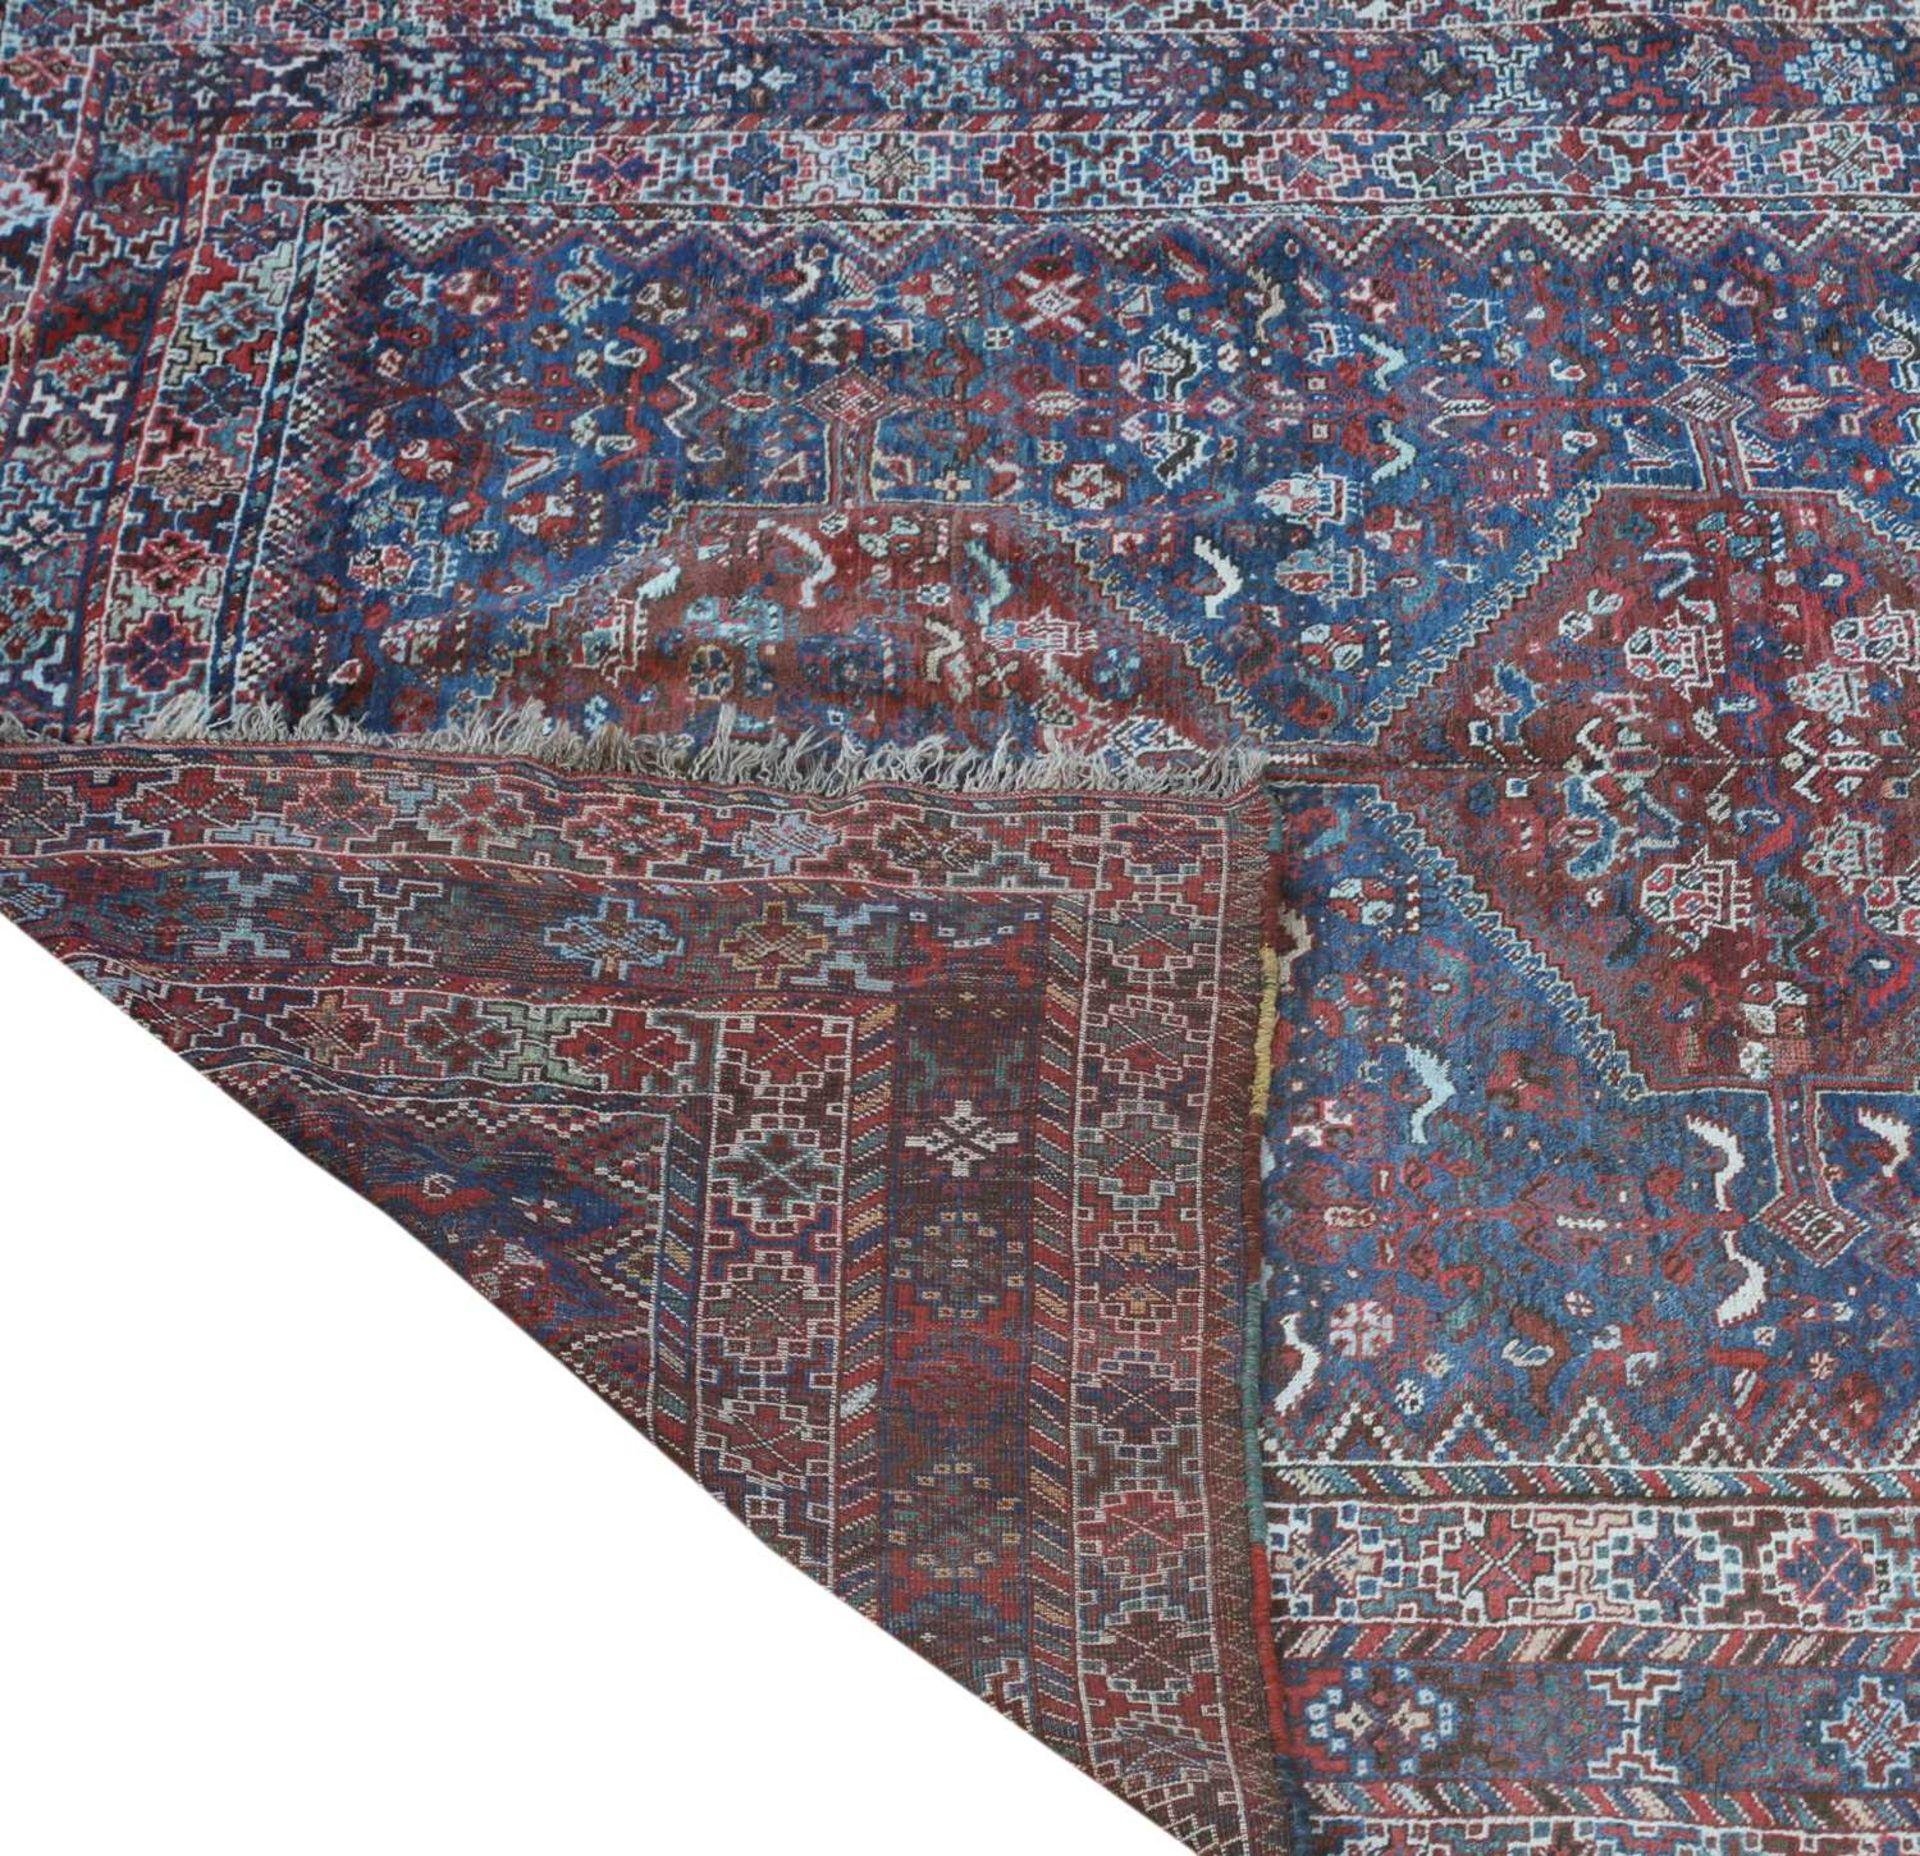 A Persian Khamseh carpet, - Image 2 of 15